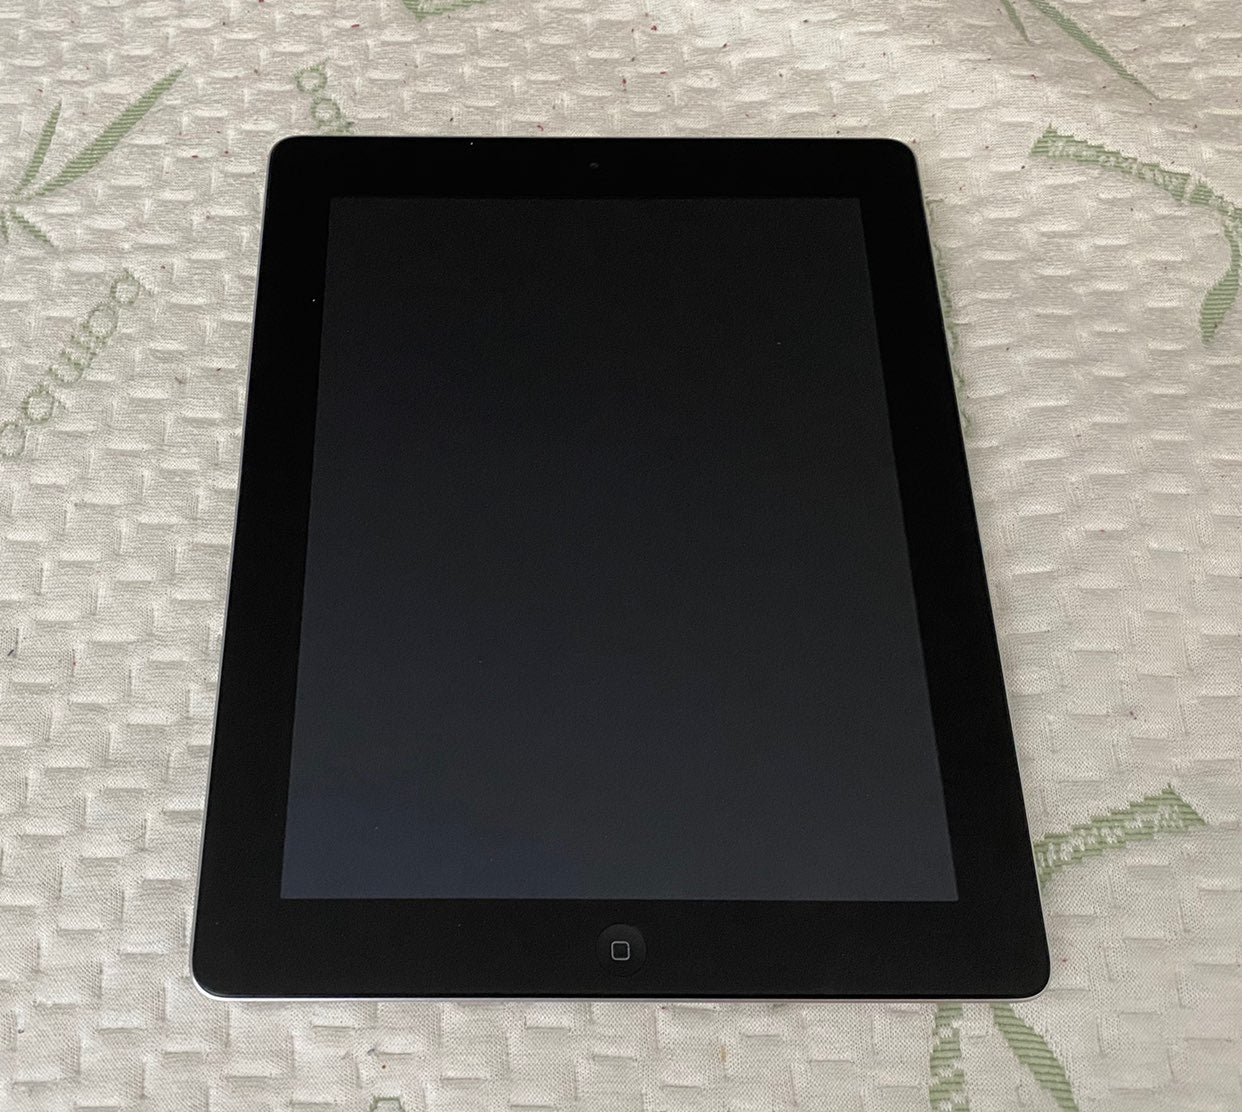 iPad 4th generation Black 16 GB